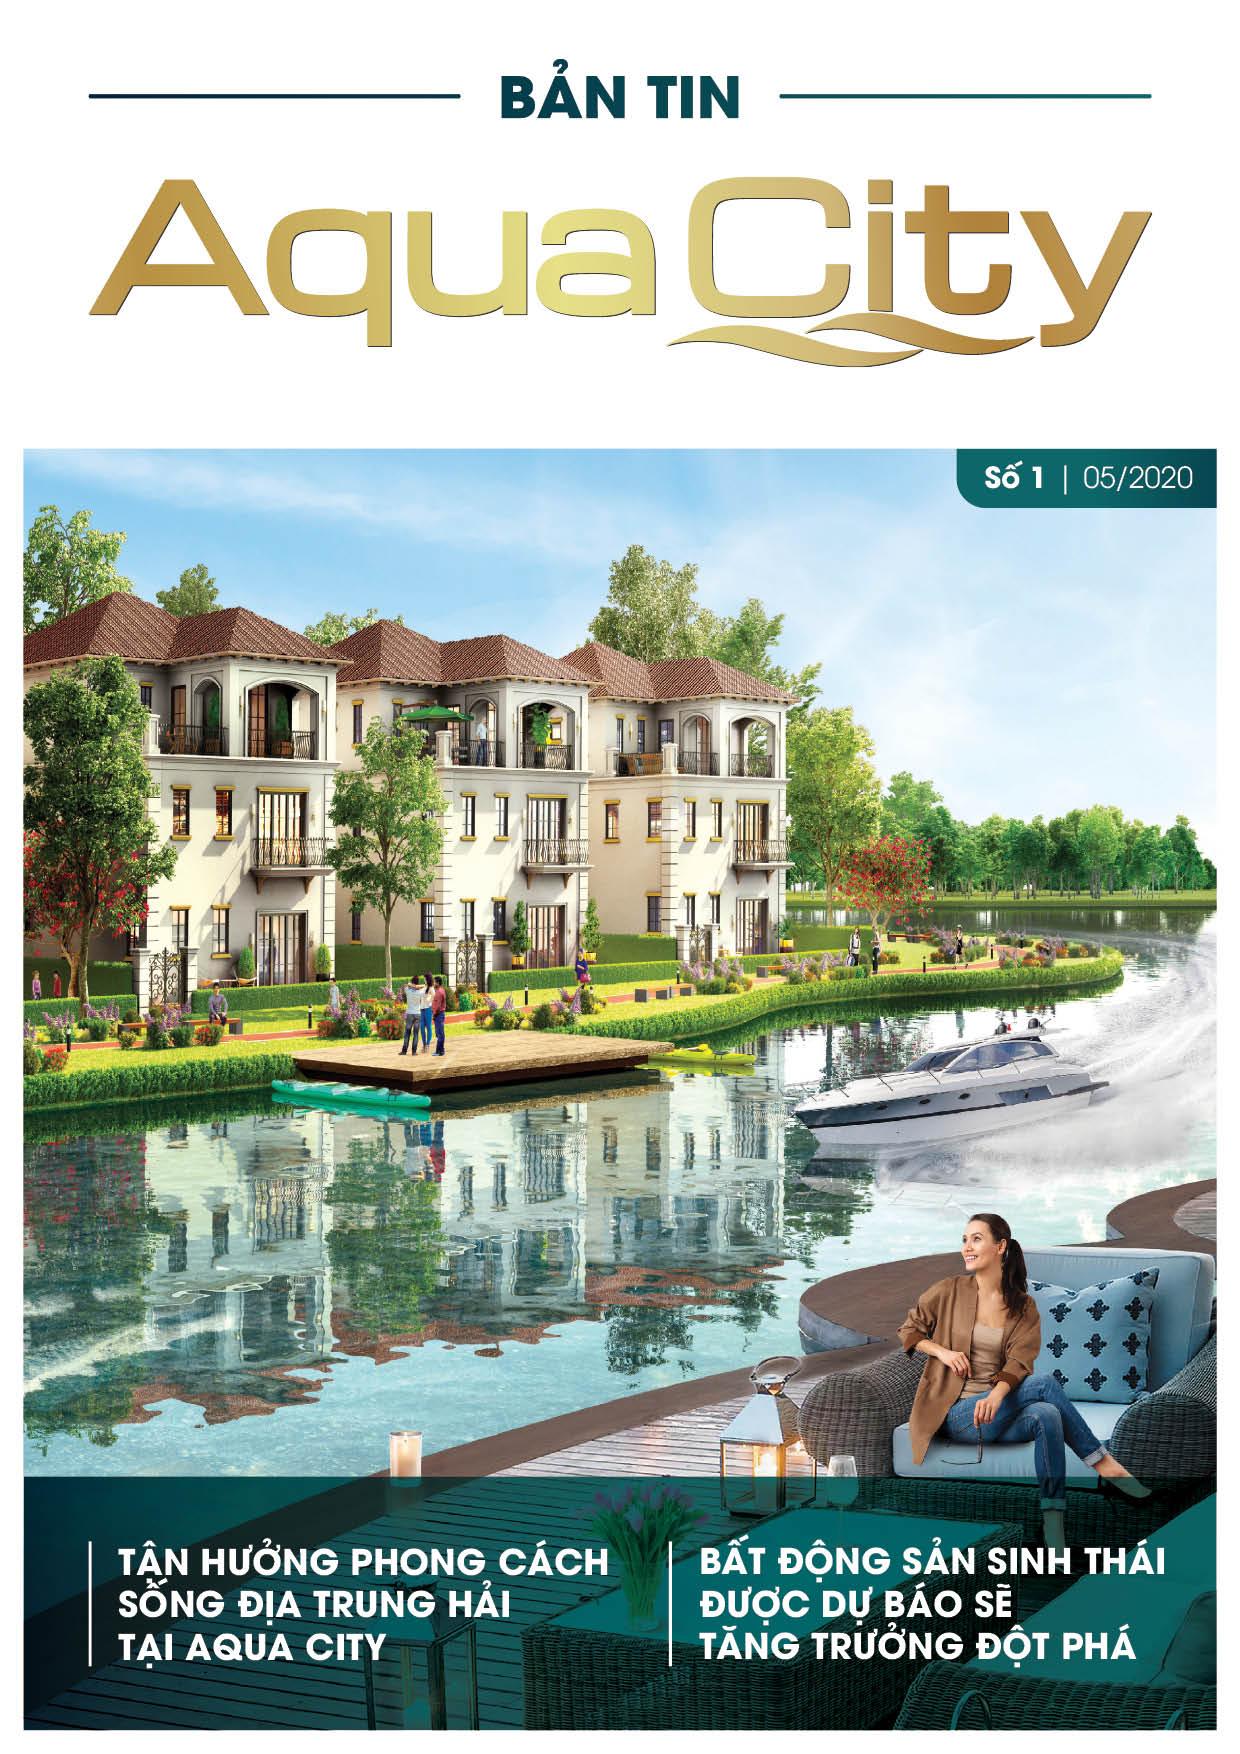 Bản tin dự án Aqua City